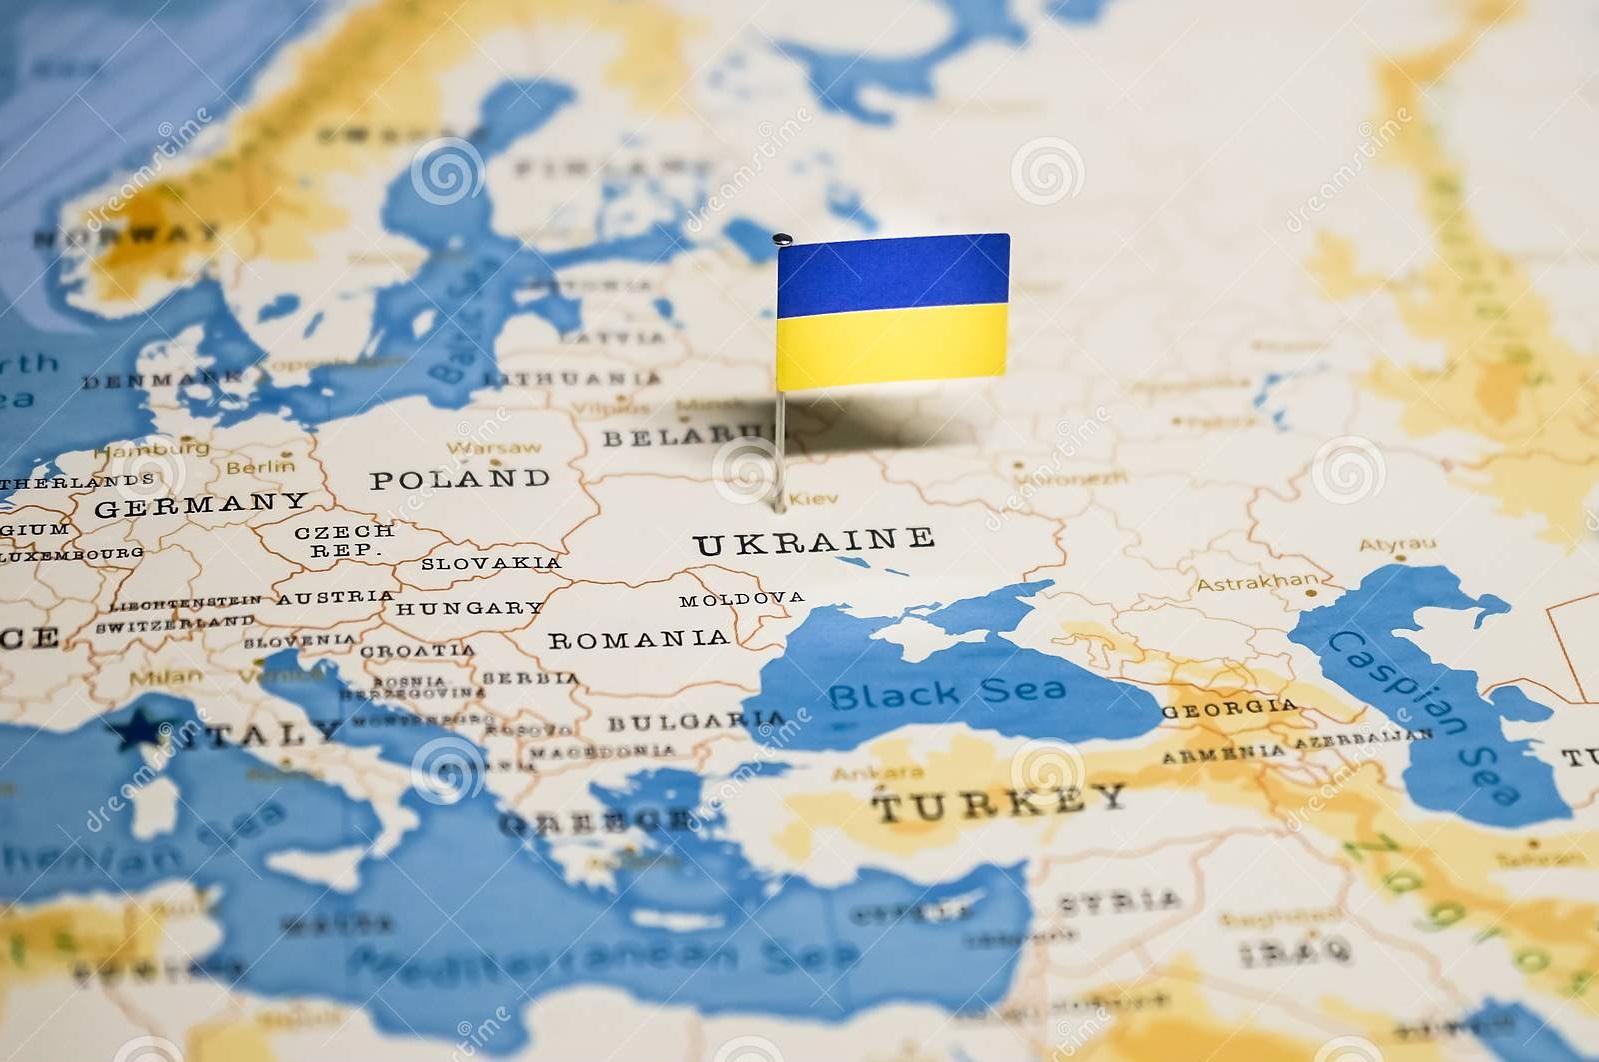 پرچم اوکراین روی نقشه کشور